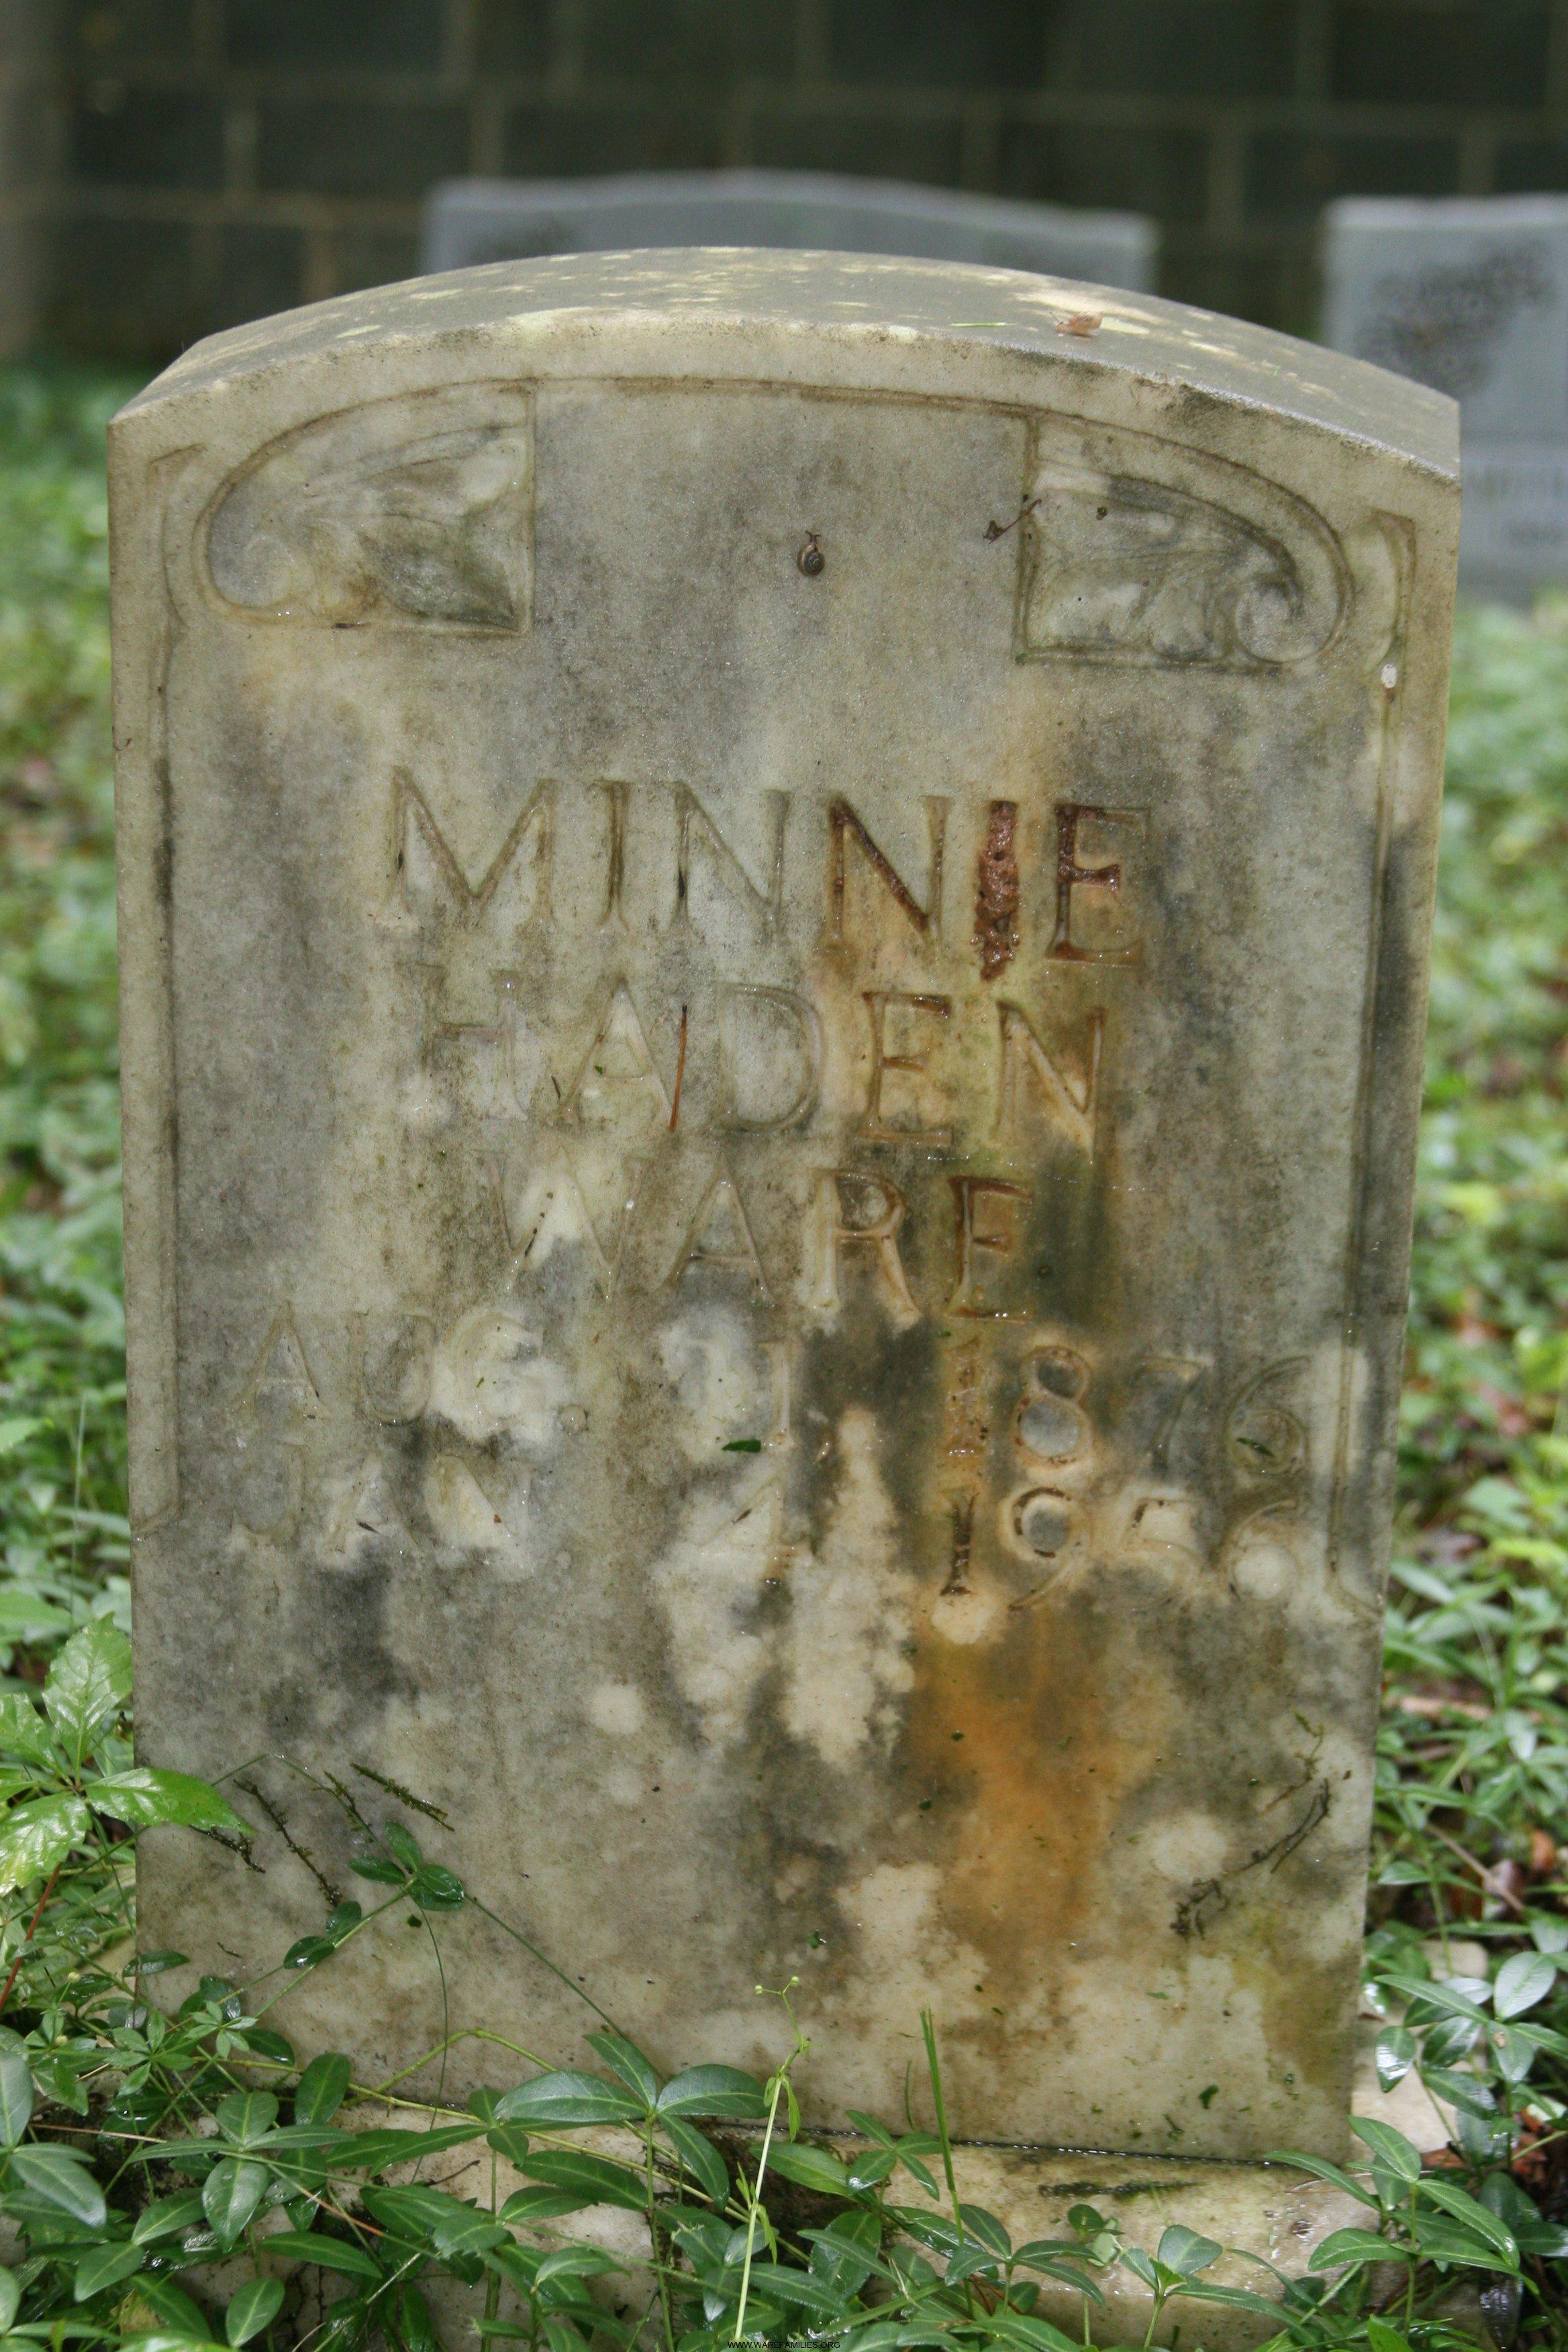 Minnie Haden Ware